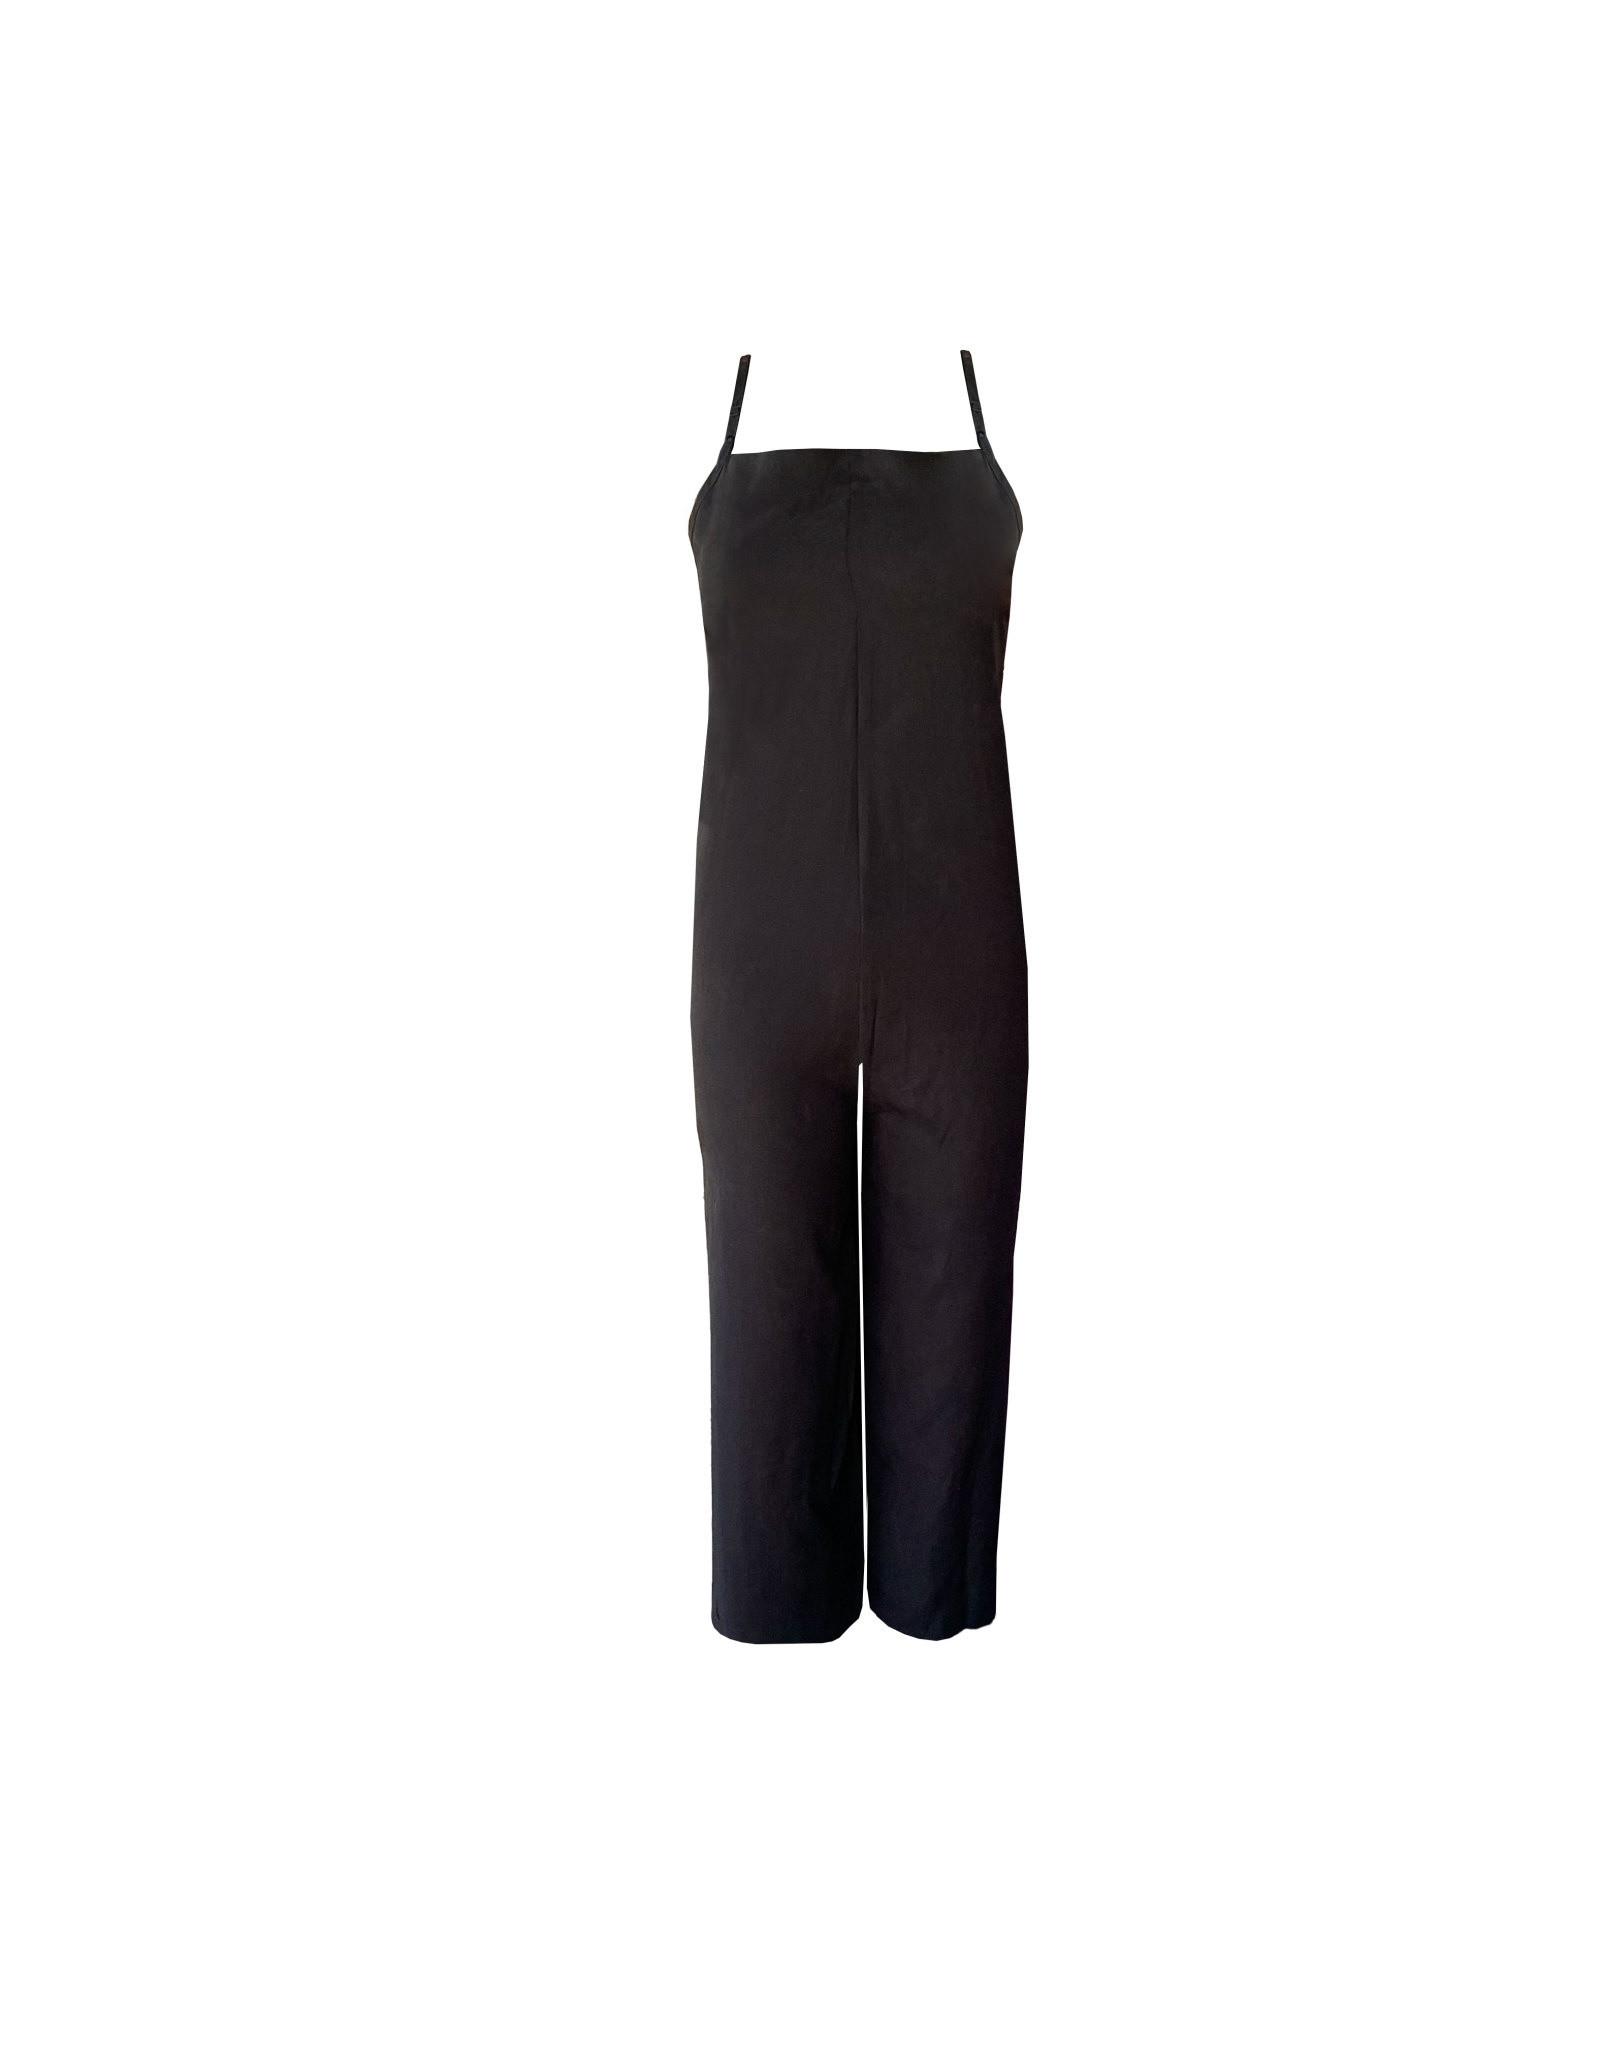 Paper Label PAPER LABEL  Women's  Jumpsuits Size XL